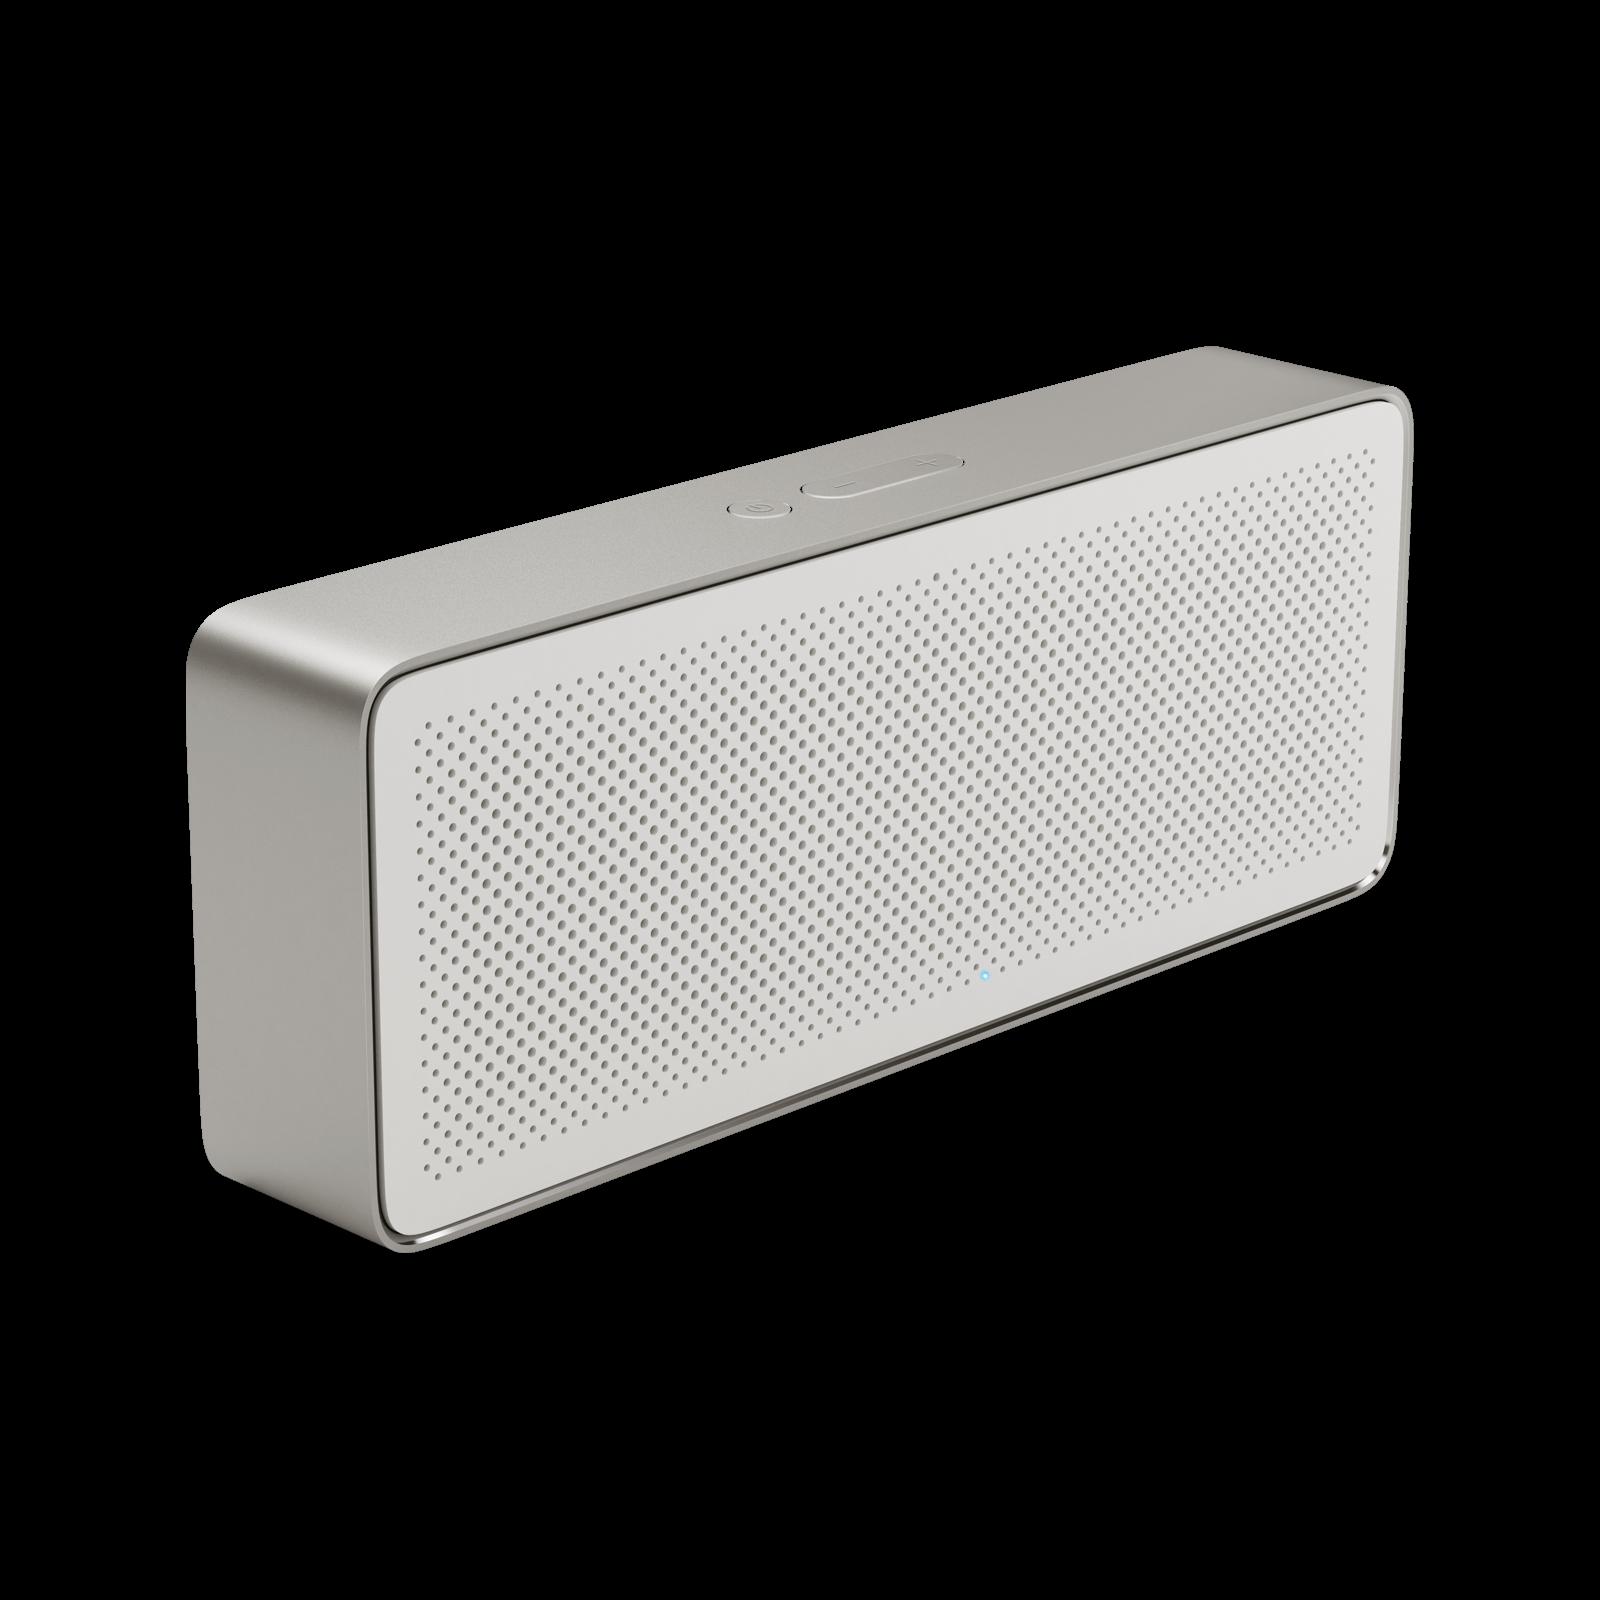 【Mi小米】小米方盒子-藍芽音箱2 藍牙音響 藍芽喇叭 金屬喇叭重低音 內置MIC AUX接口